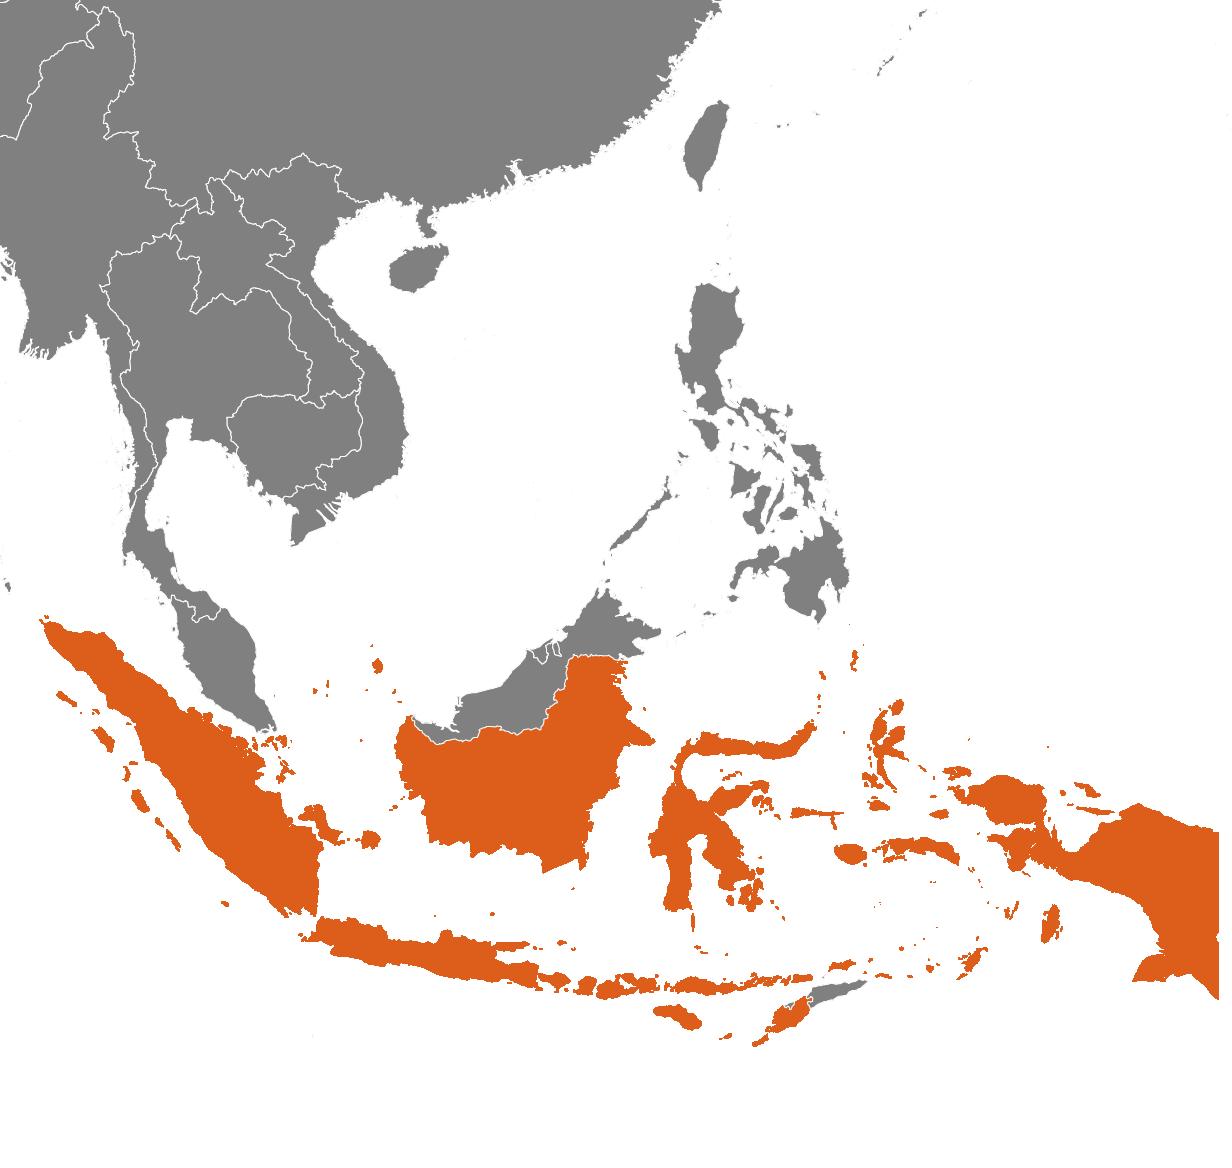 Indonesien på kartan